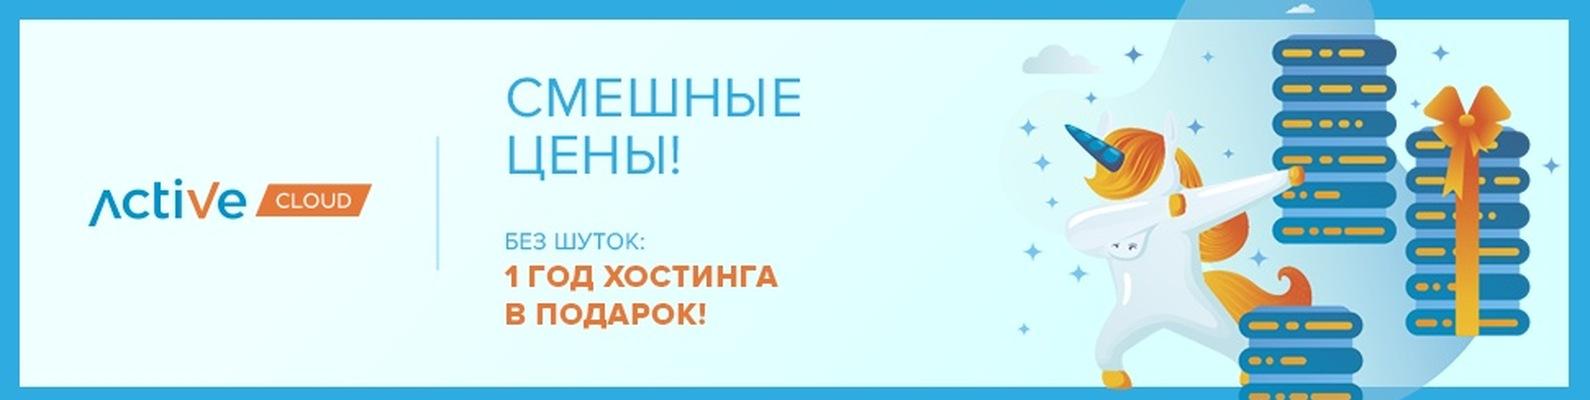 Хостинг актив клауд отзывы бесплатный хостинг с php и sql